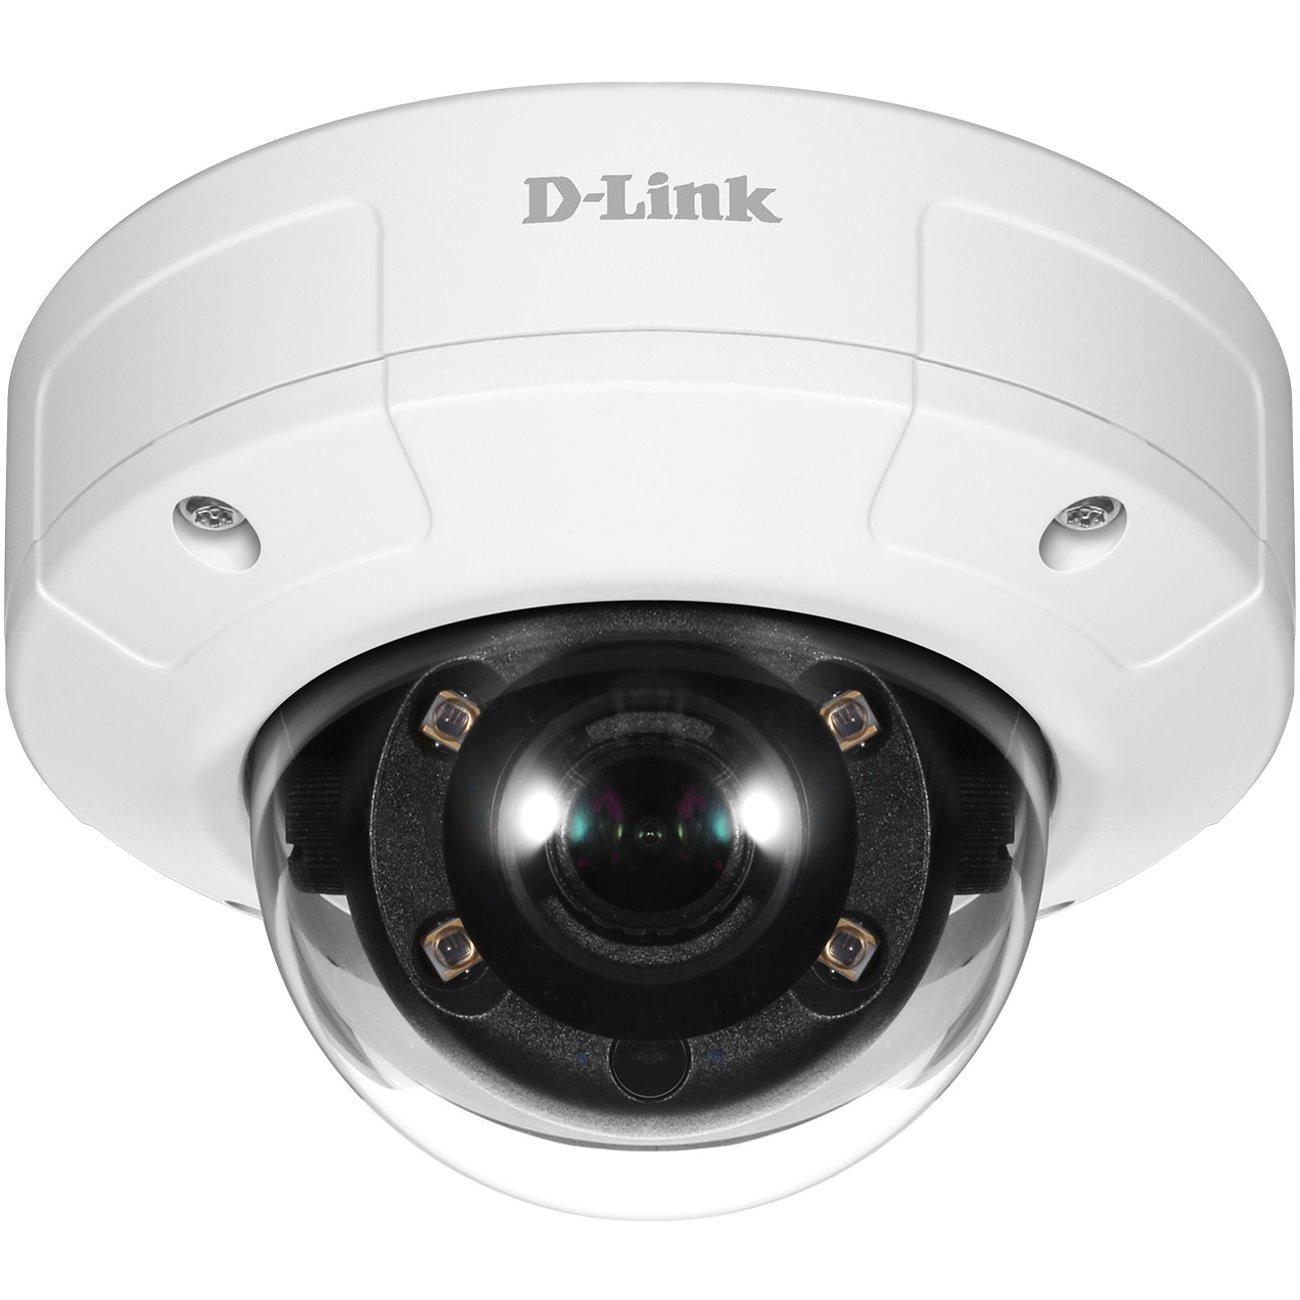 D-Link Vigilance 5 Megapixel Network Camera - Dome - TAA Compliant